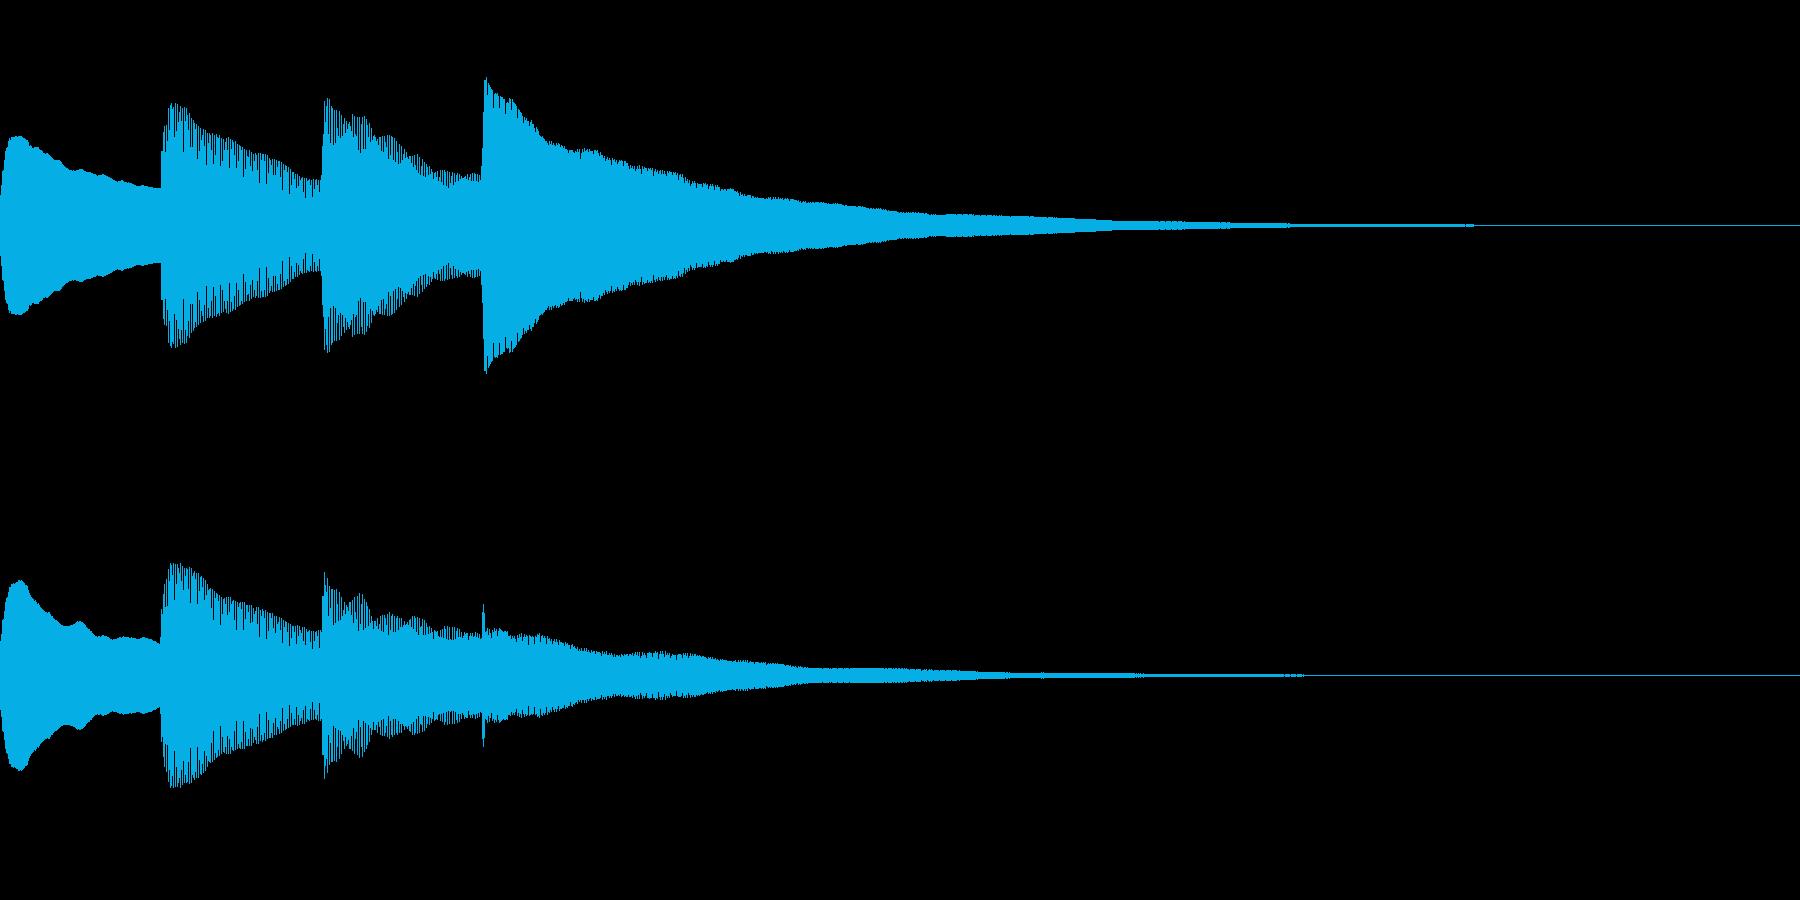 お知らせ・アナウンス音B上昇(普通)02の再生済みの波形